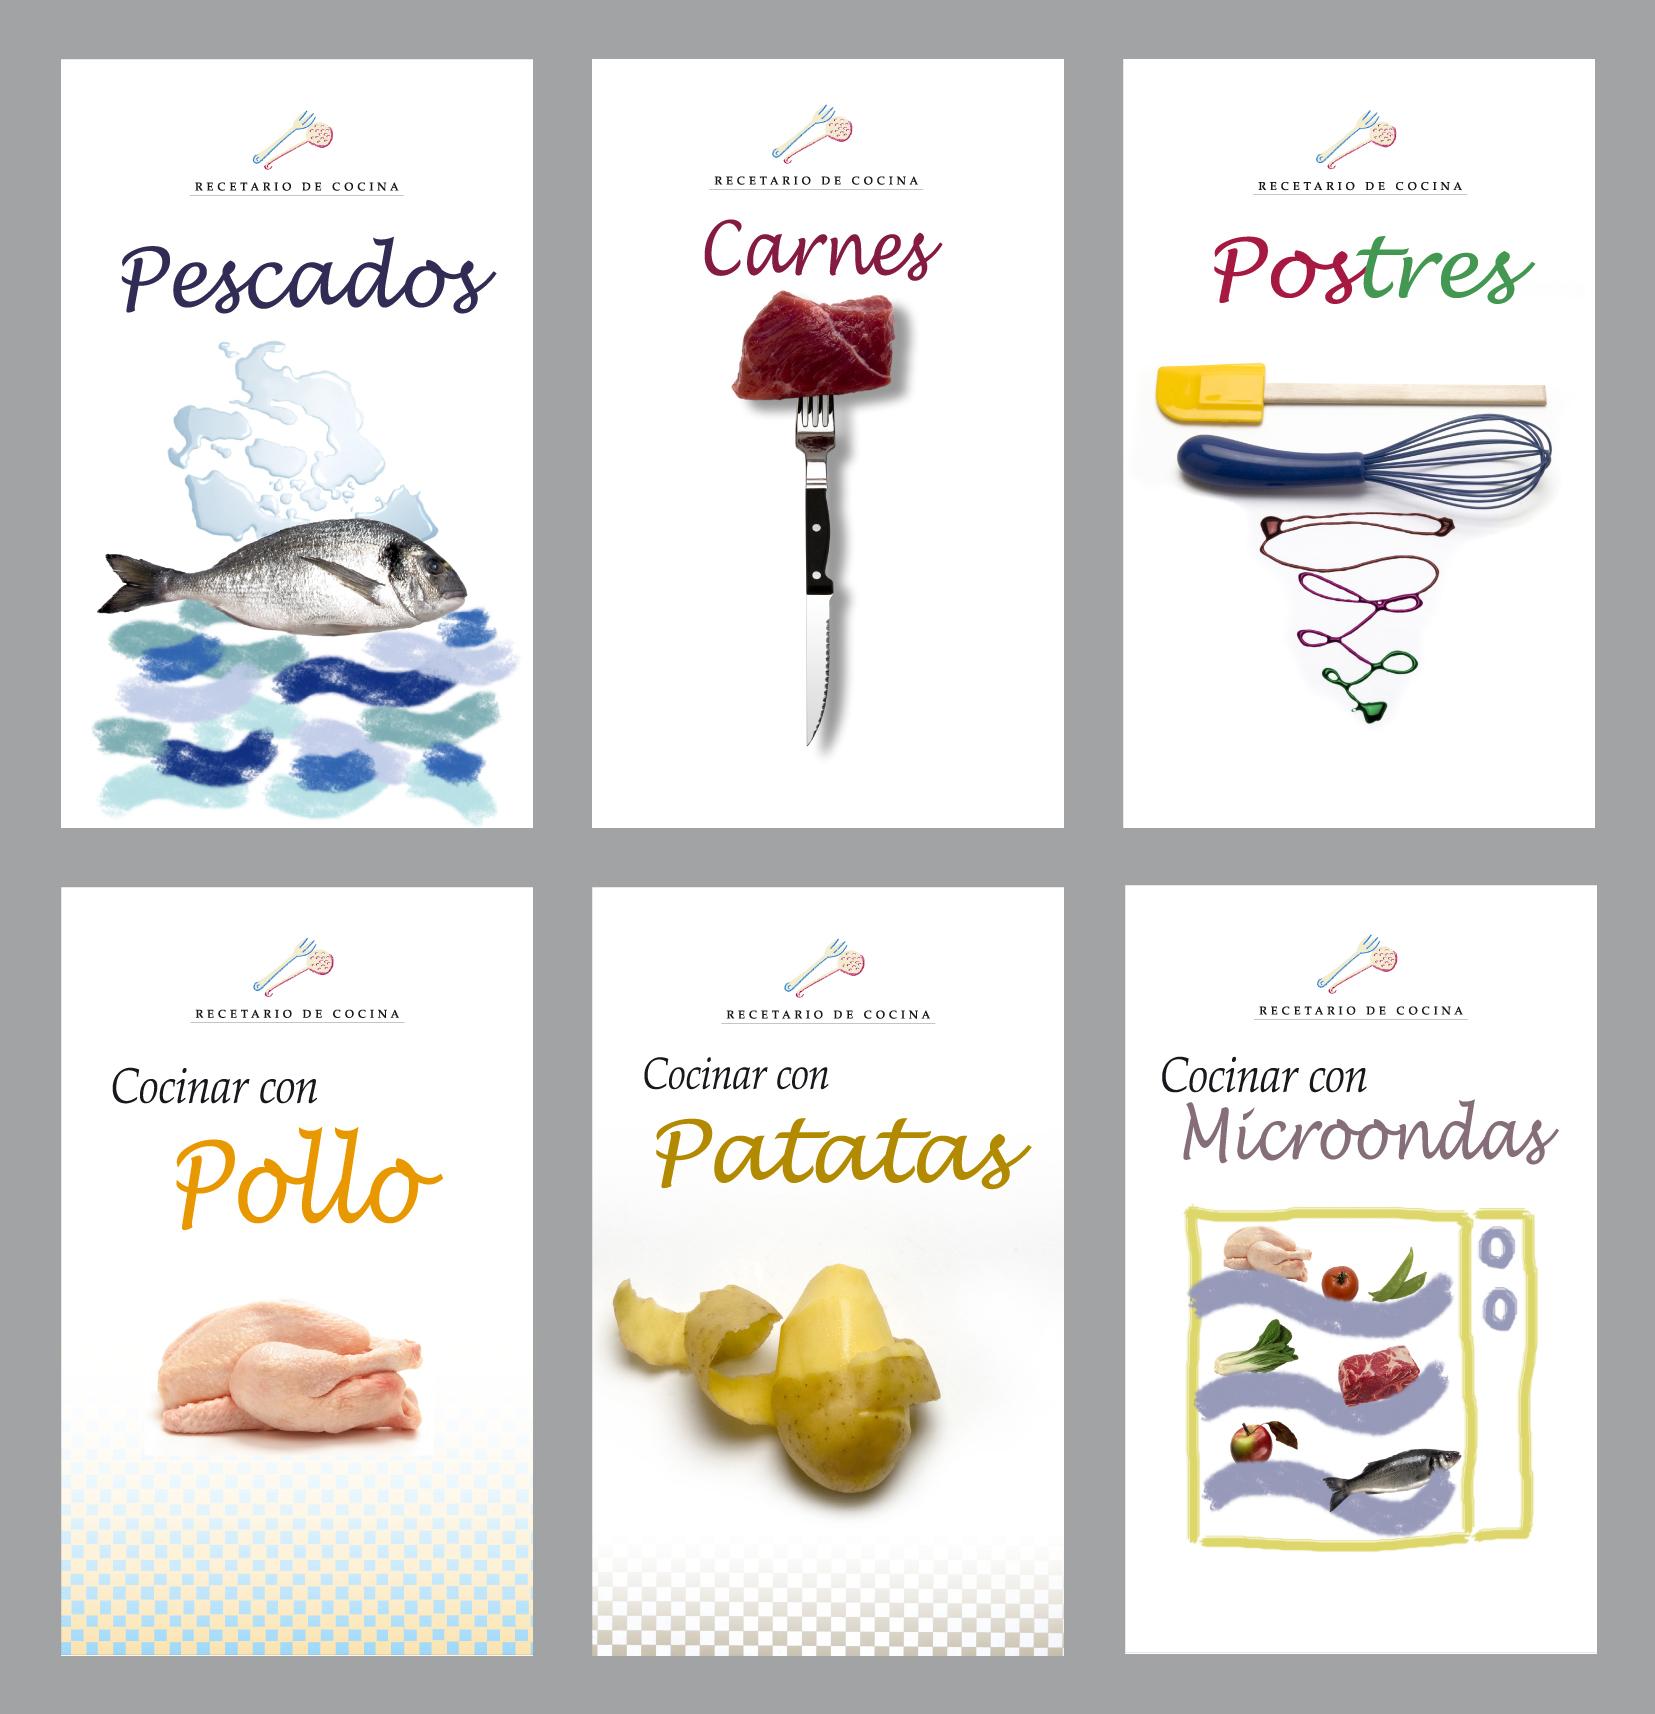 Recetario De Cocina.Recetario De Cocina Estudio Jmd